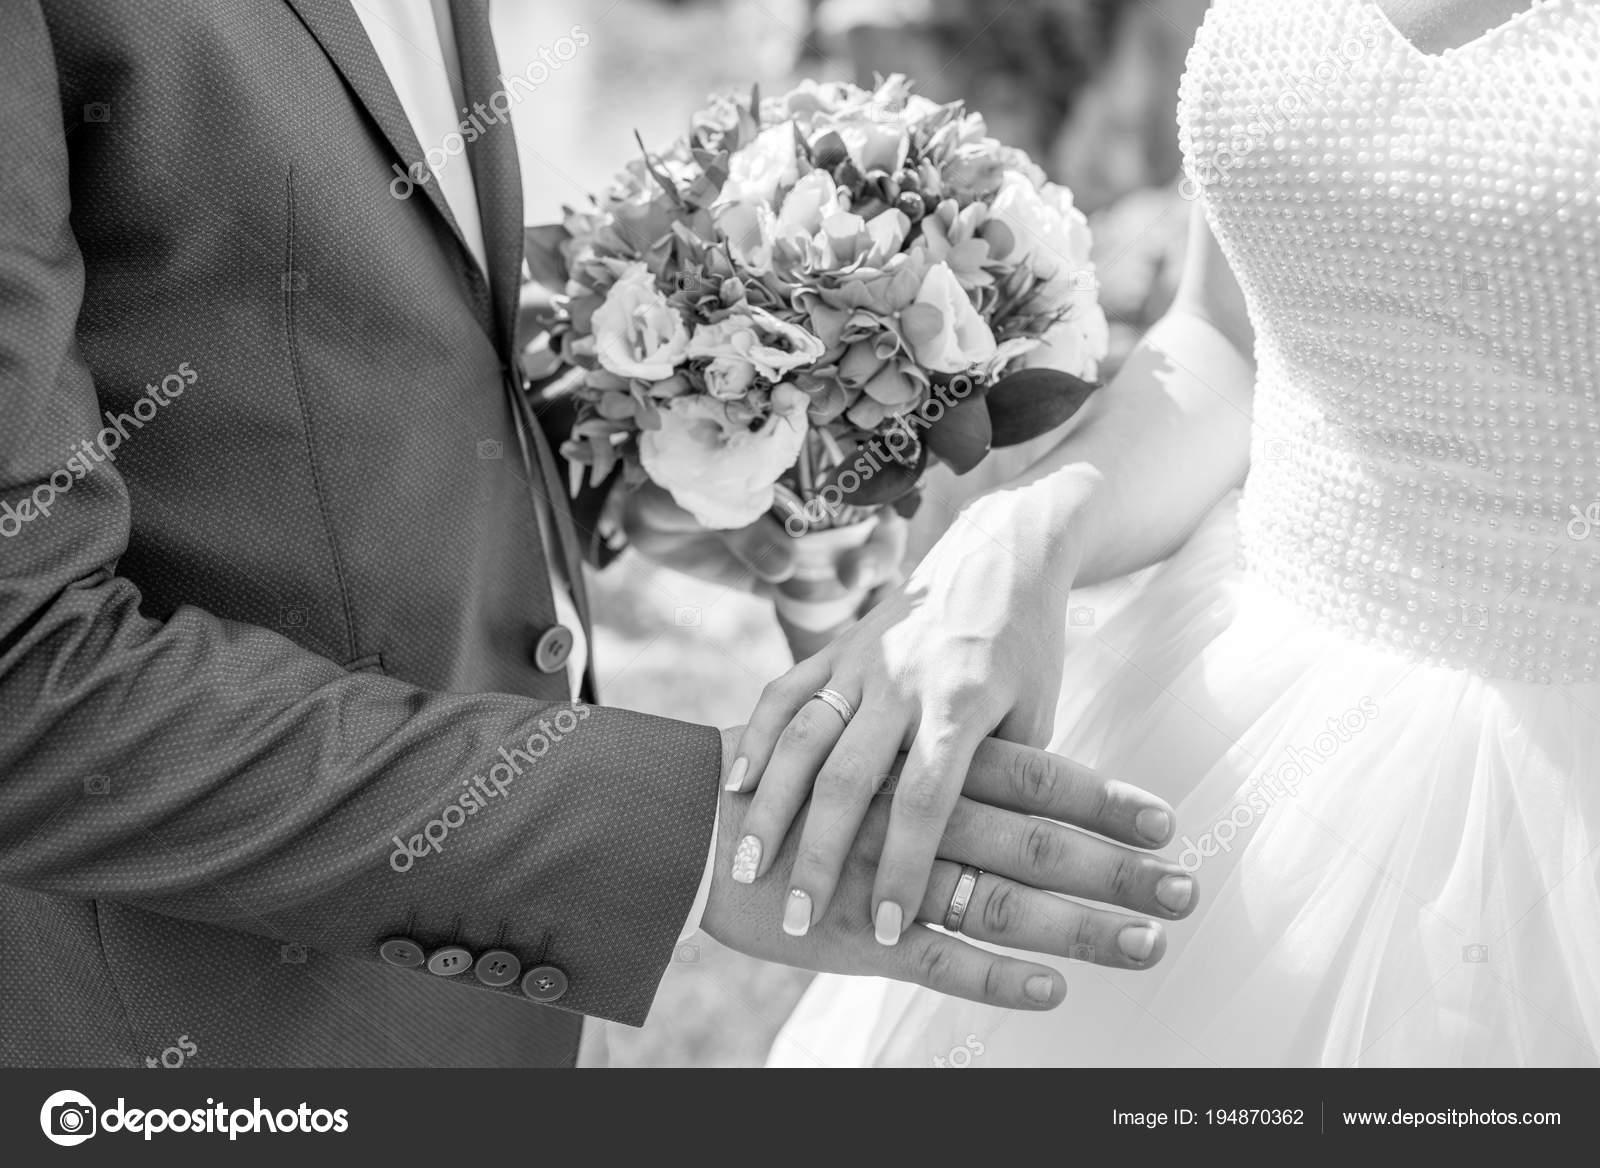 Hande Und Ringe Auf Hochzeitsstrauss Stockfoto C Alex Itskovich